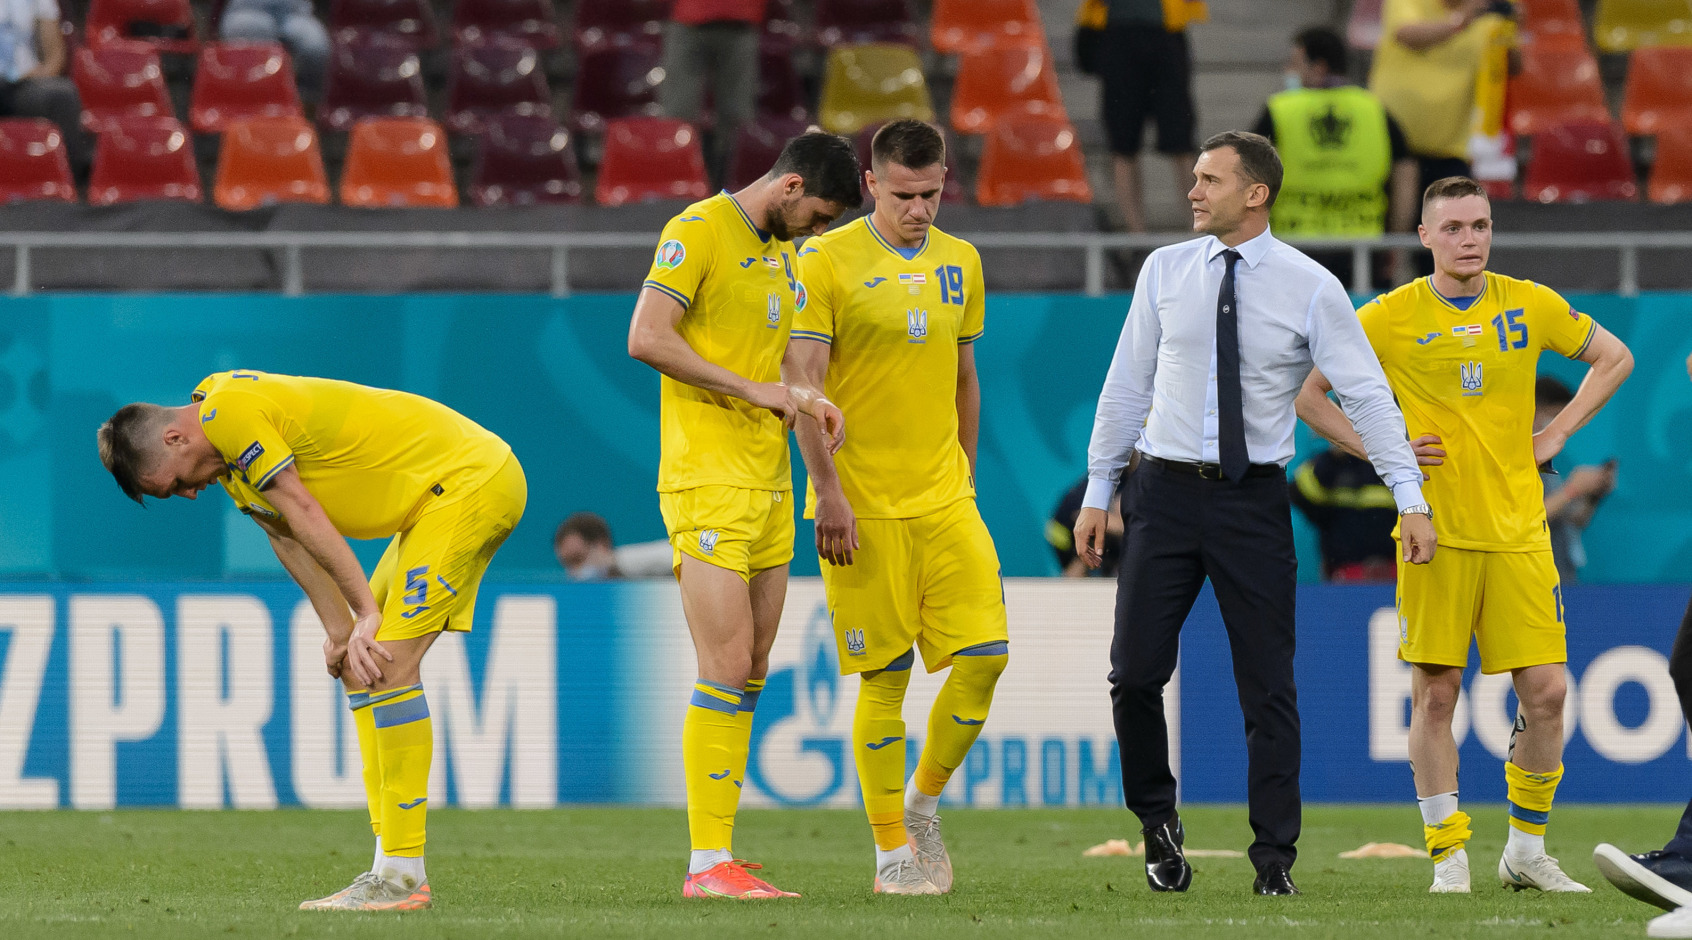 """Юрий Шелепницкий: """"Если бы даже удержали счет 0:0, то против Италии и этот """"автобус"""" бы не помог"""""""